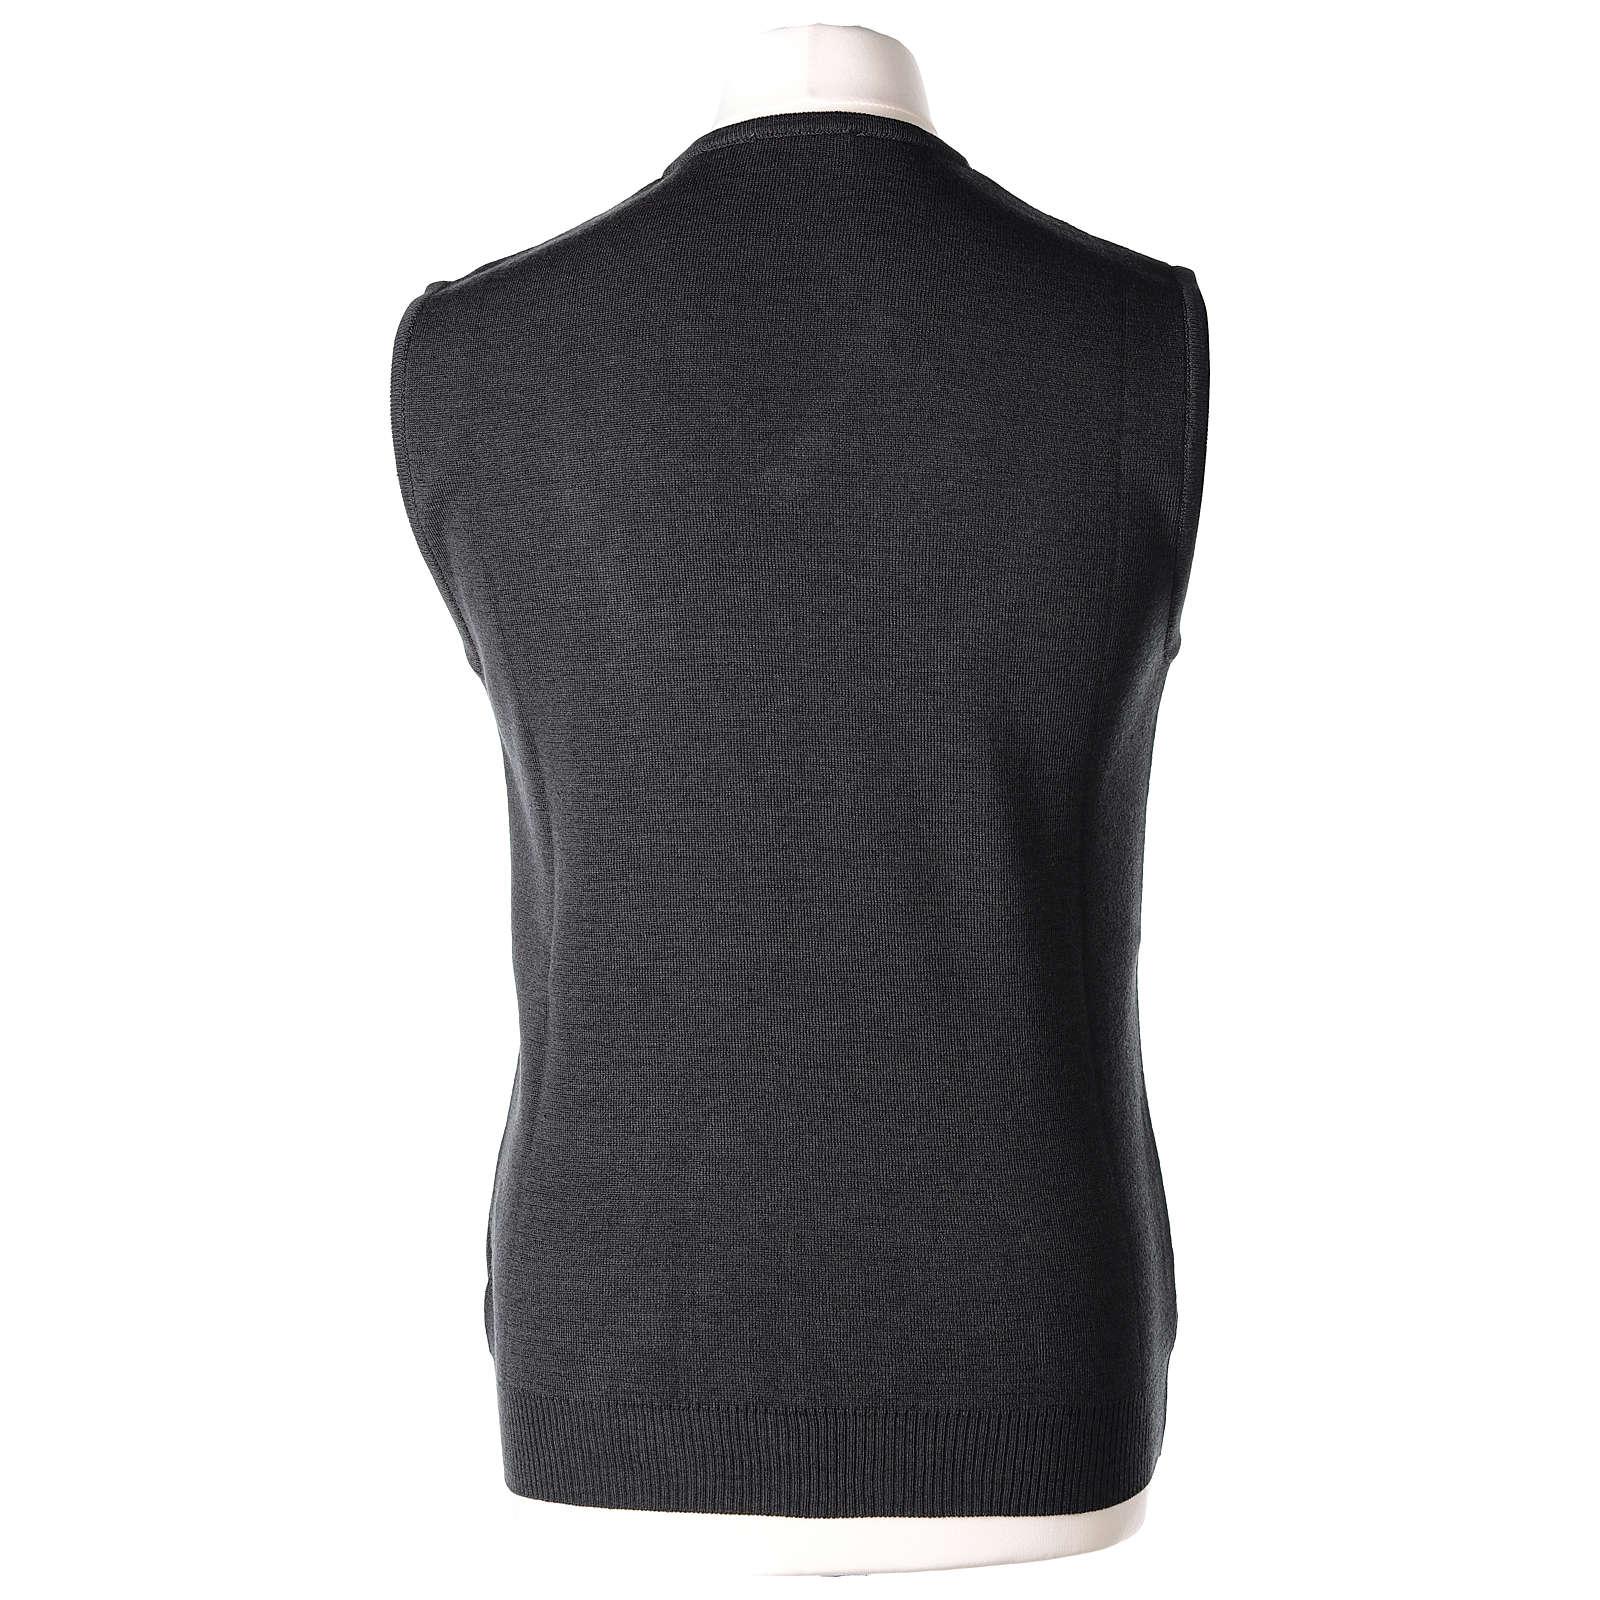 Gilet sacerdote grigio antracite collo V maglia unita 50% lana merino 50% acrilico In Primis 4